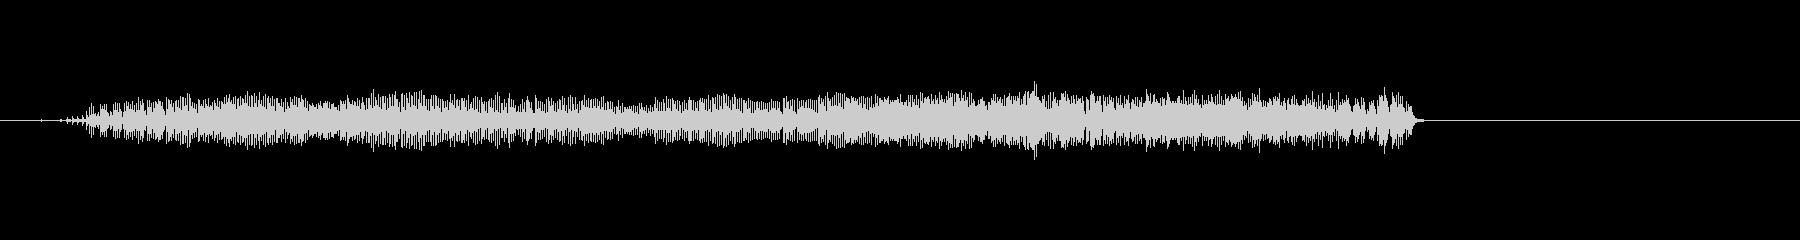 空気圧ワイヤーチゼル-楽器の未再生の波形